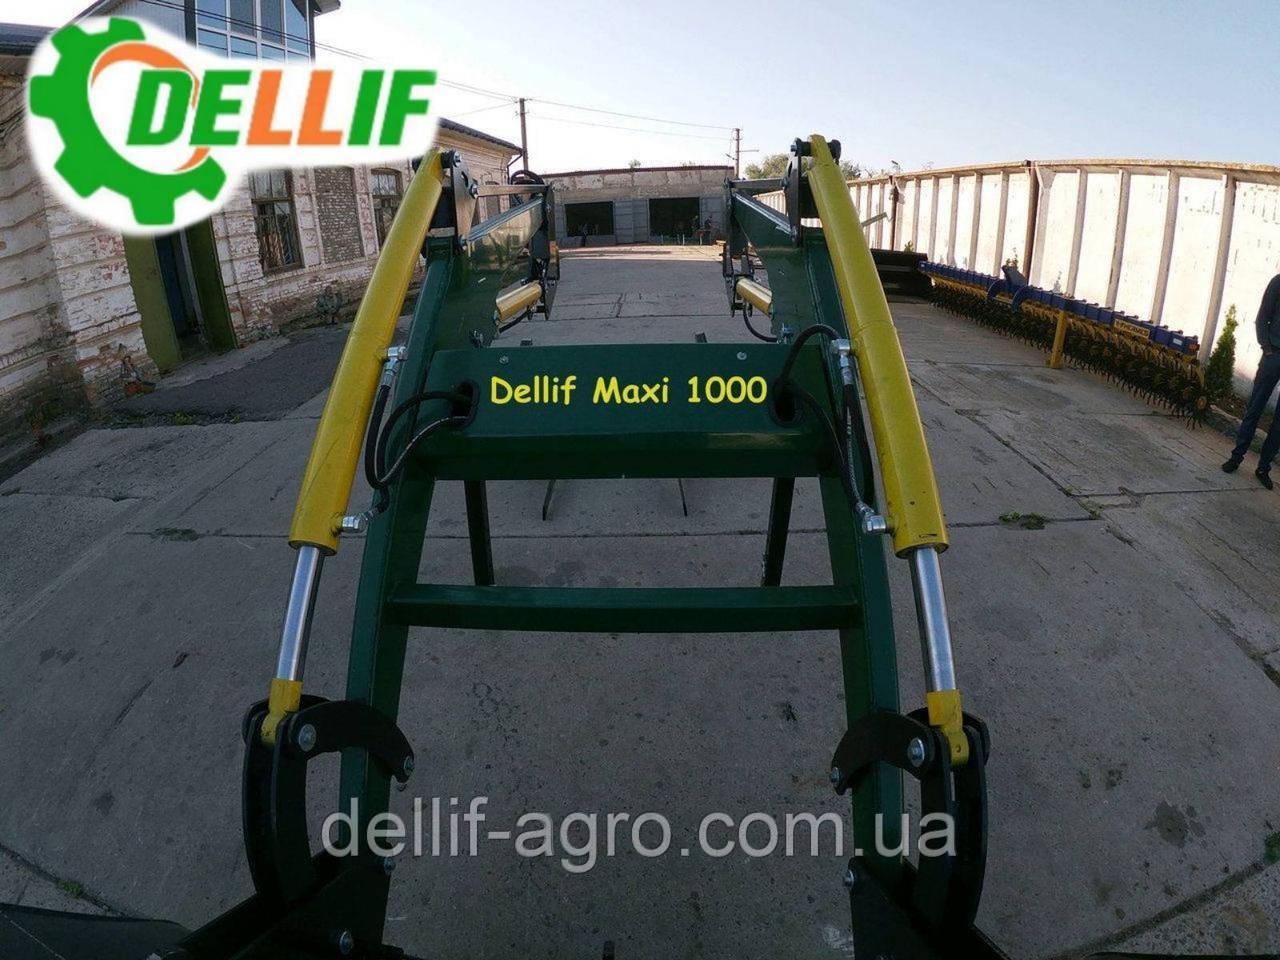 Погрузчик на трактор МТЗ,ЮМЗ, Т 40 Dellif Maxi 1000 без навески